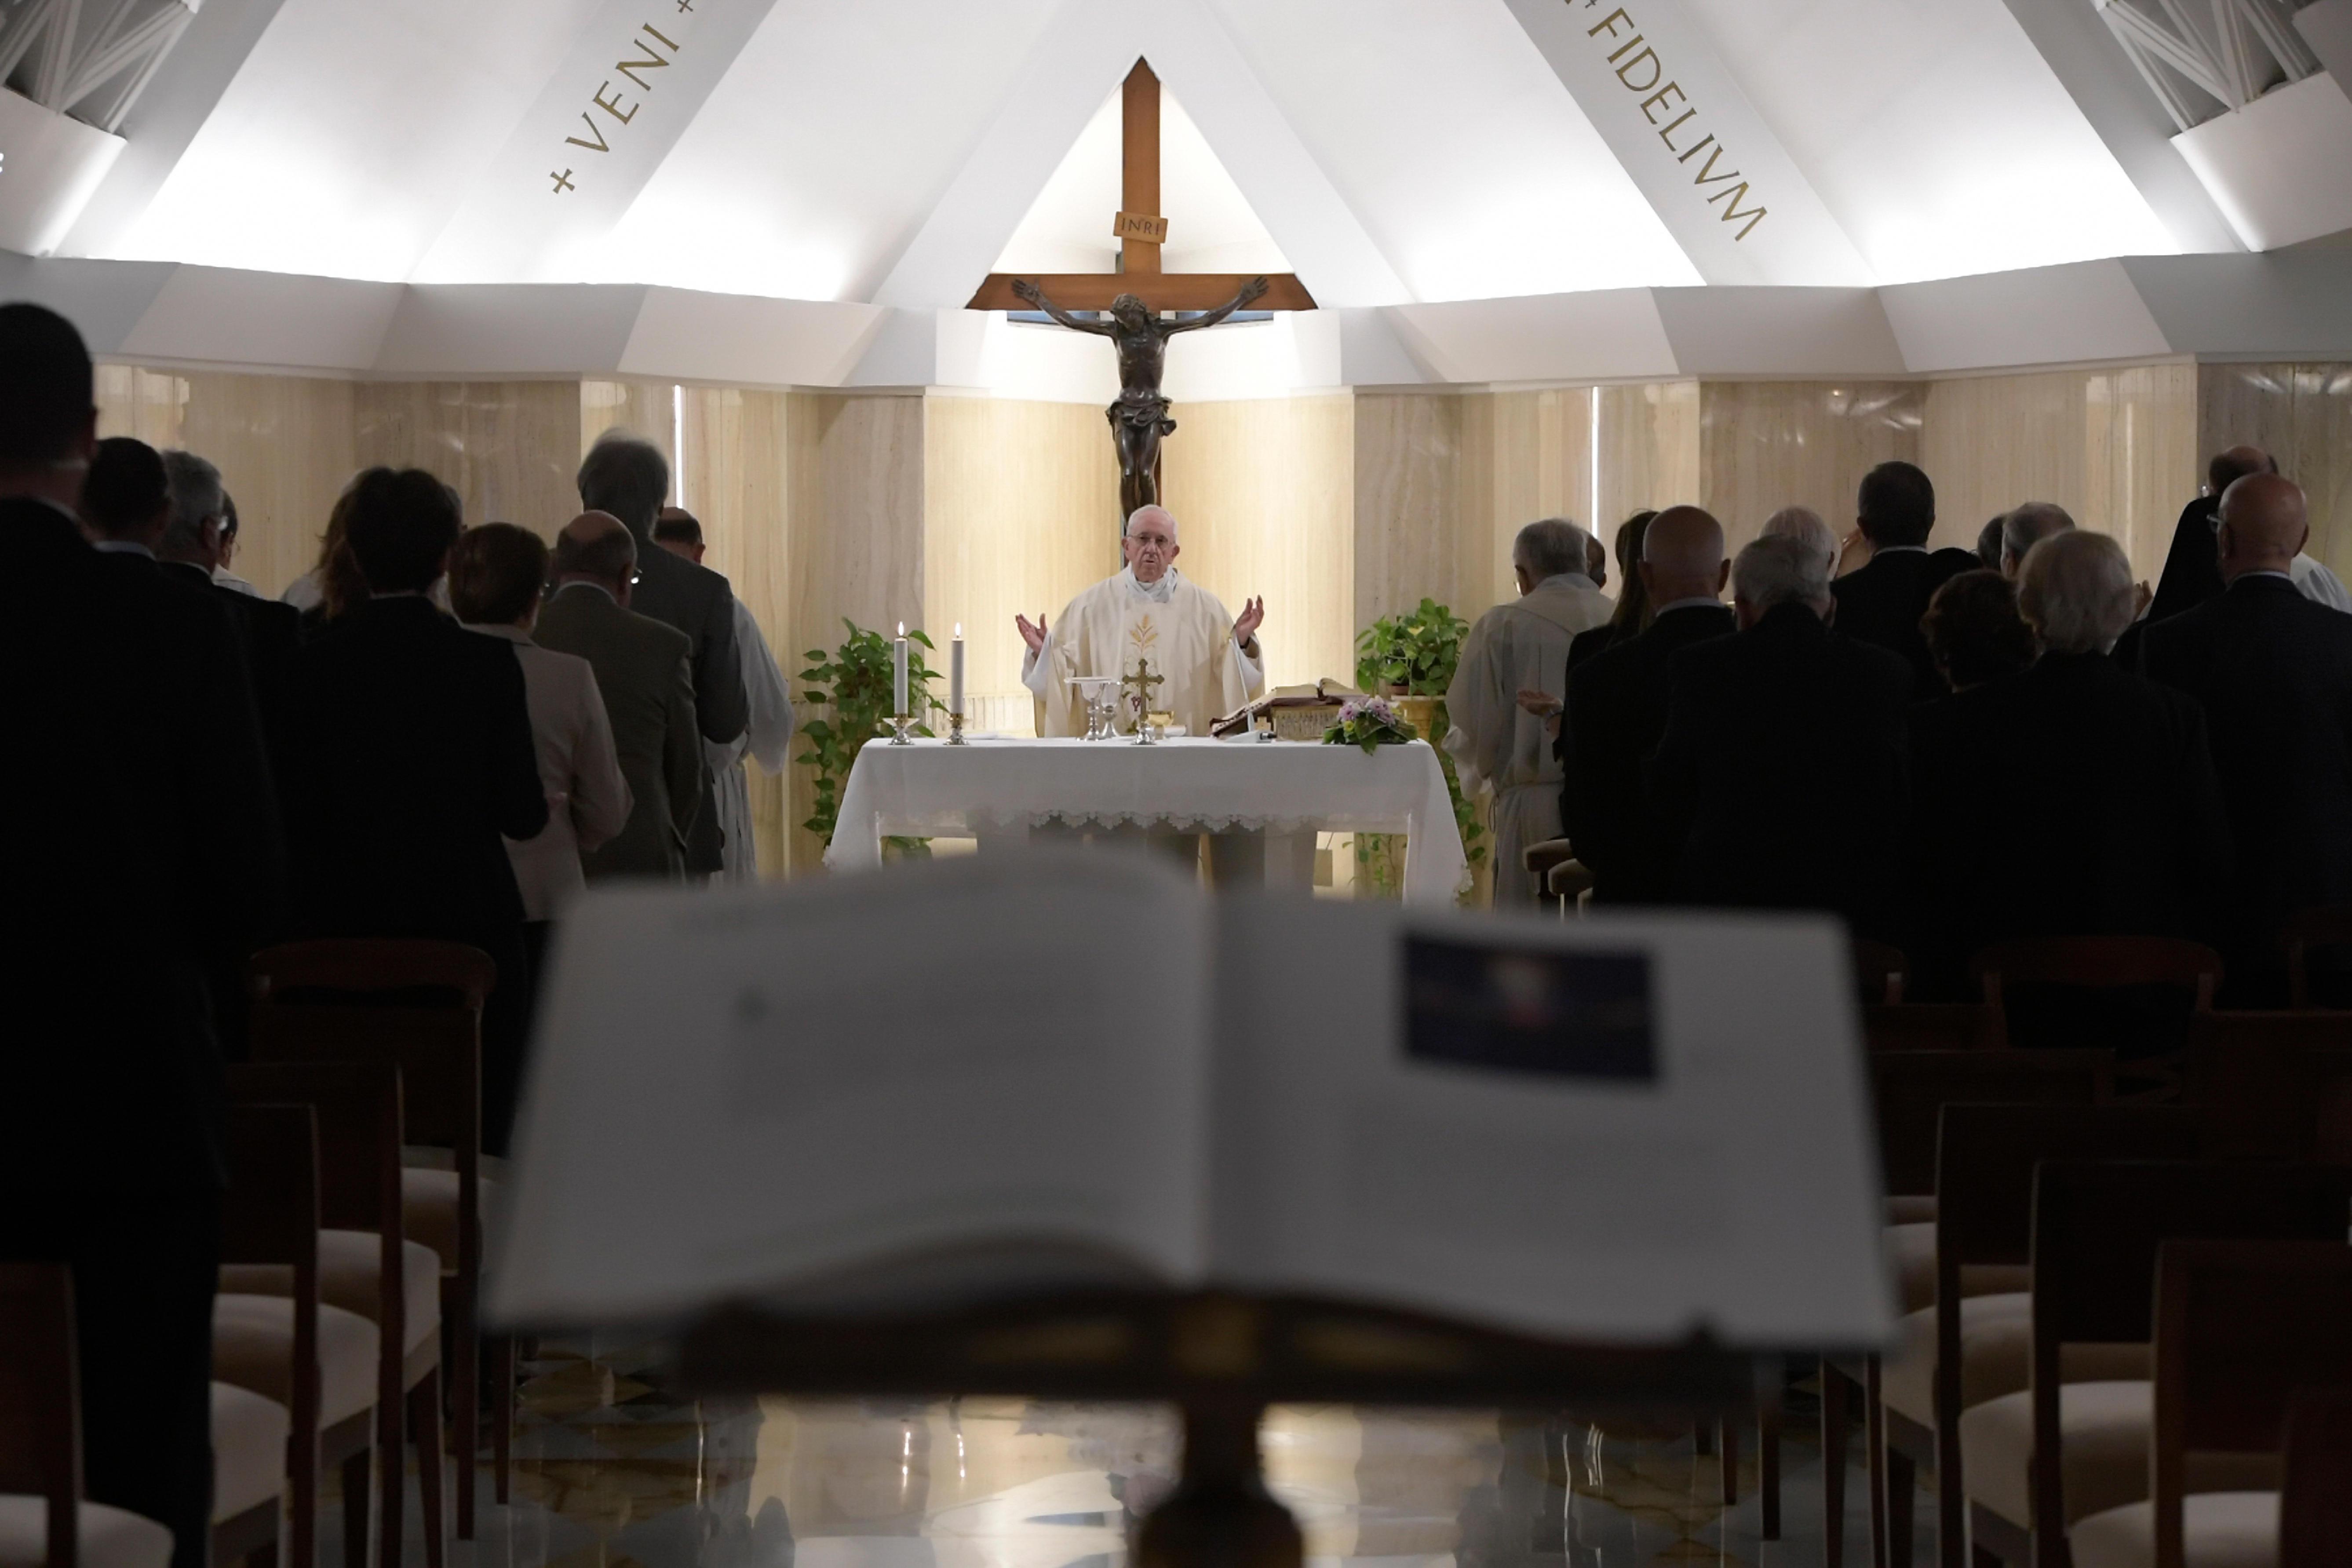 El Papa preside la Misa en Santa Marta, 13/09/2018 © Vatican Media